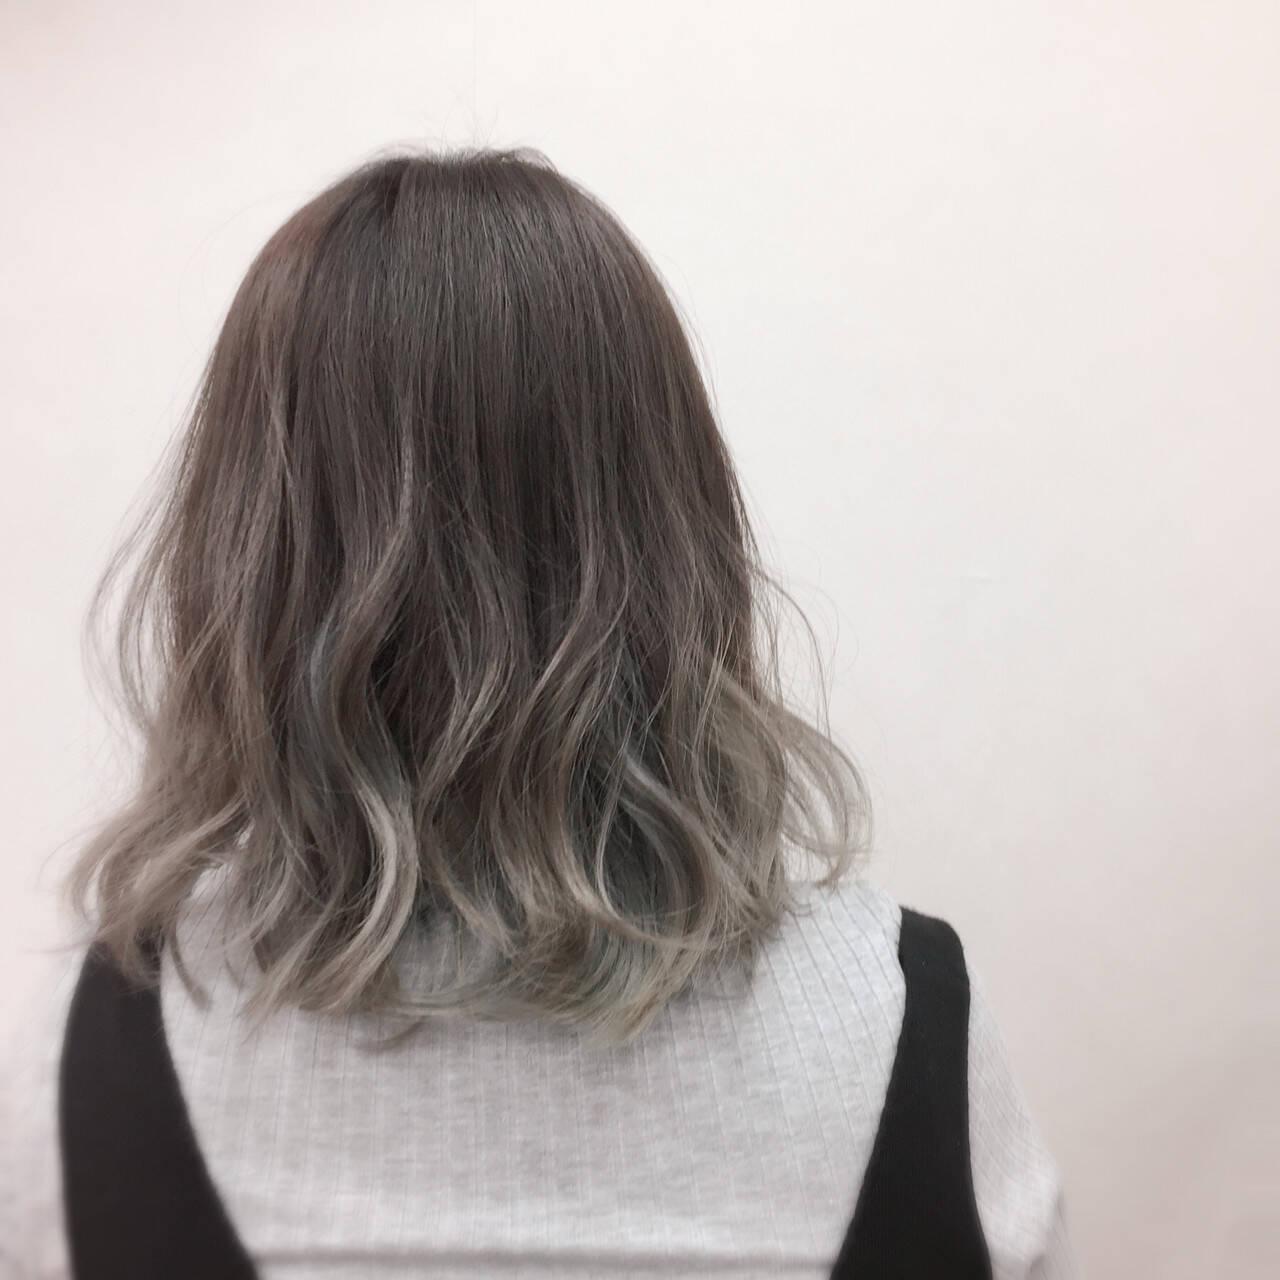 モード 外国人風 ミディアム グラデーションカラーヘアスタイルや髪型の写真・画像